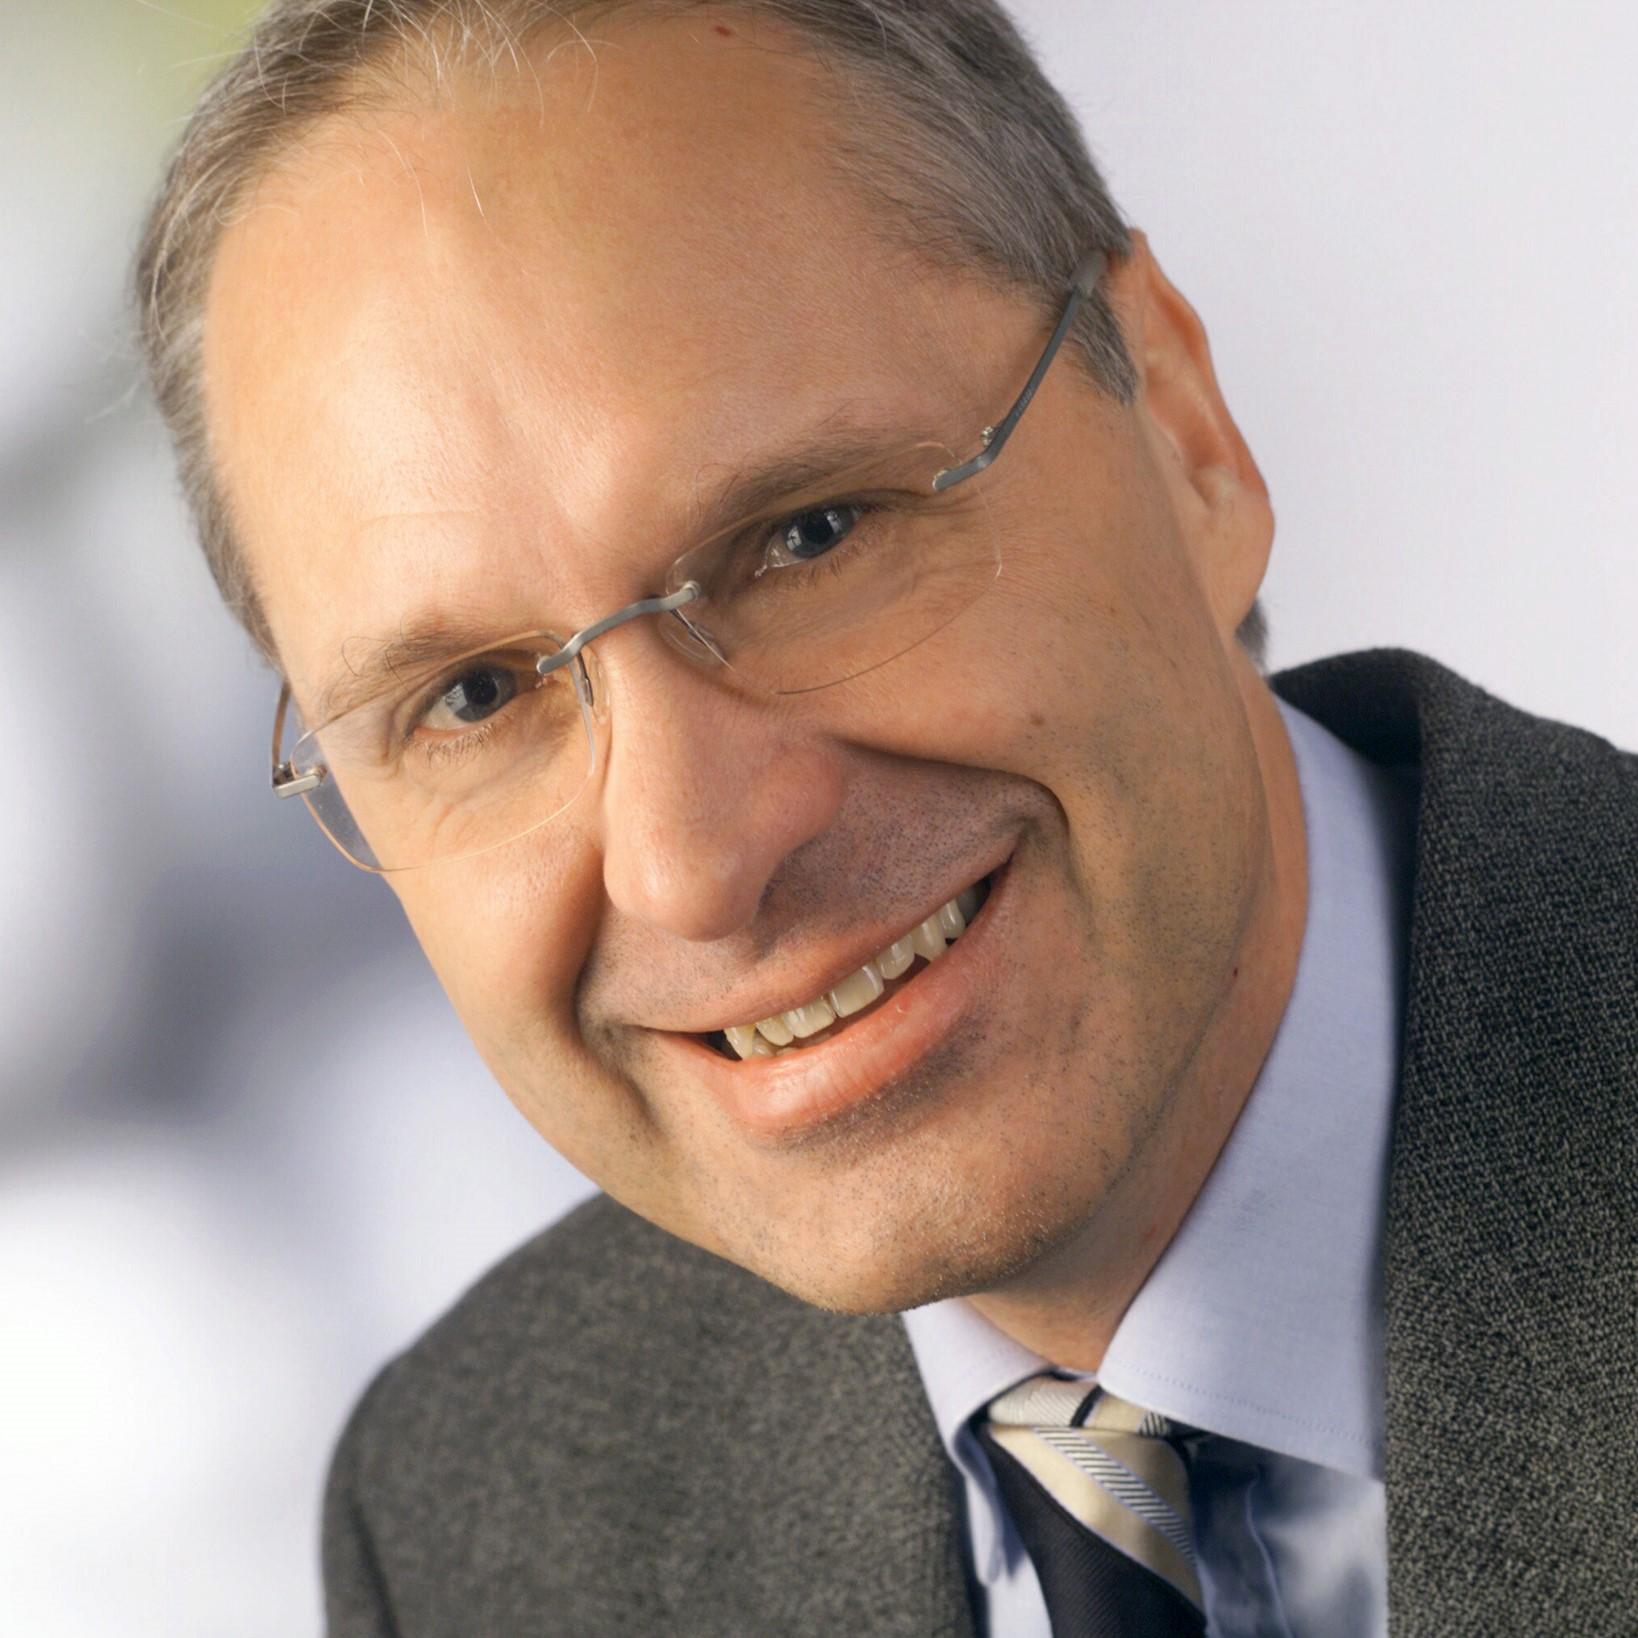 Prof. Dr. Klemens Waldhör FOM Hochschule für Ökonomie & Management